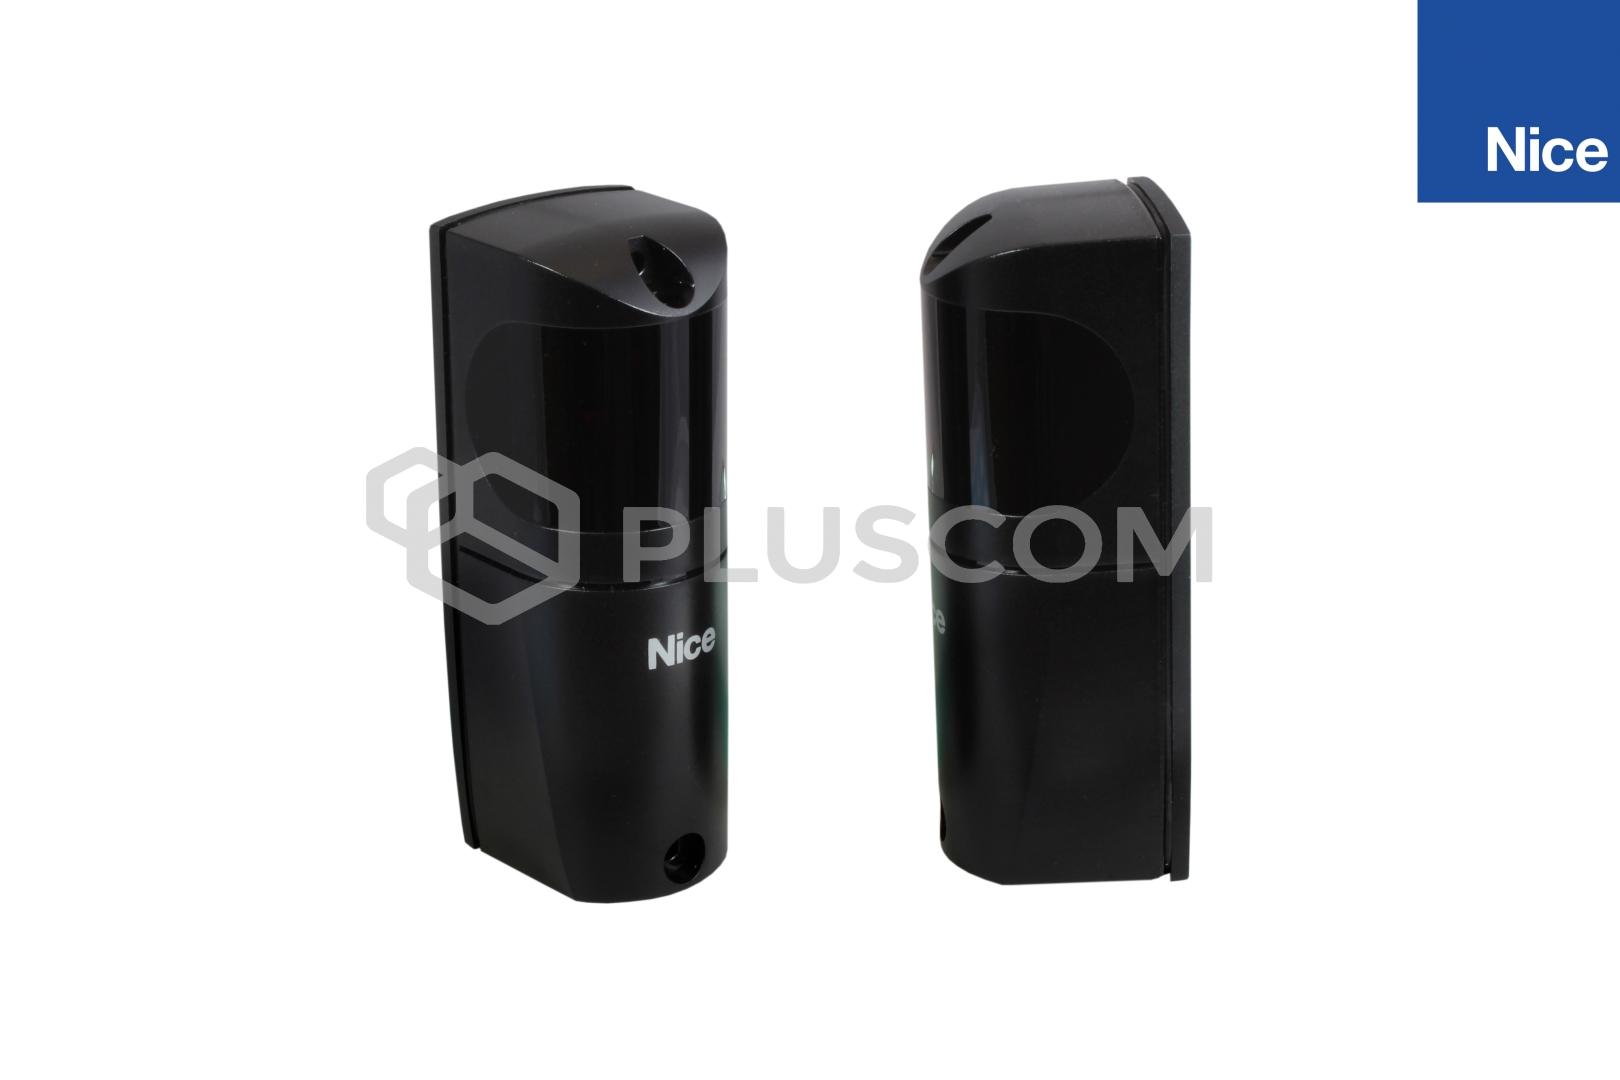 Photocell Nice F210 Adjustable